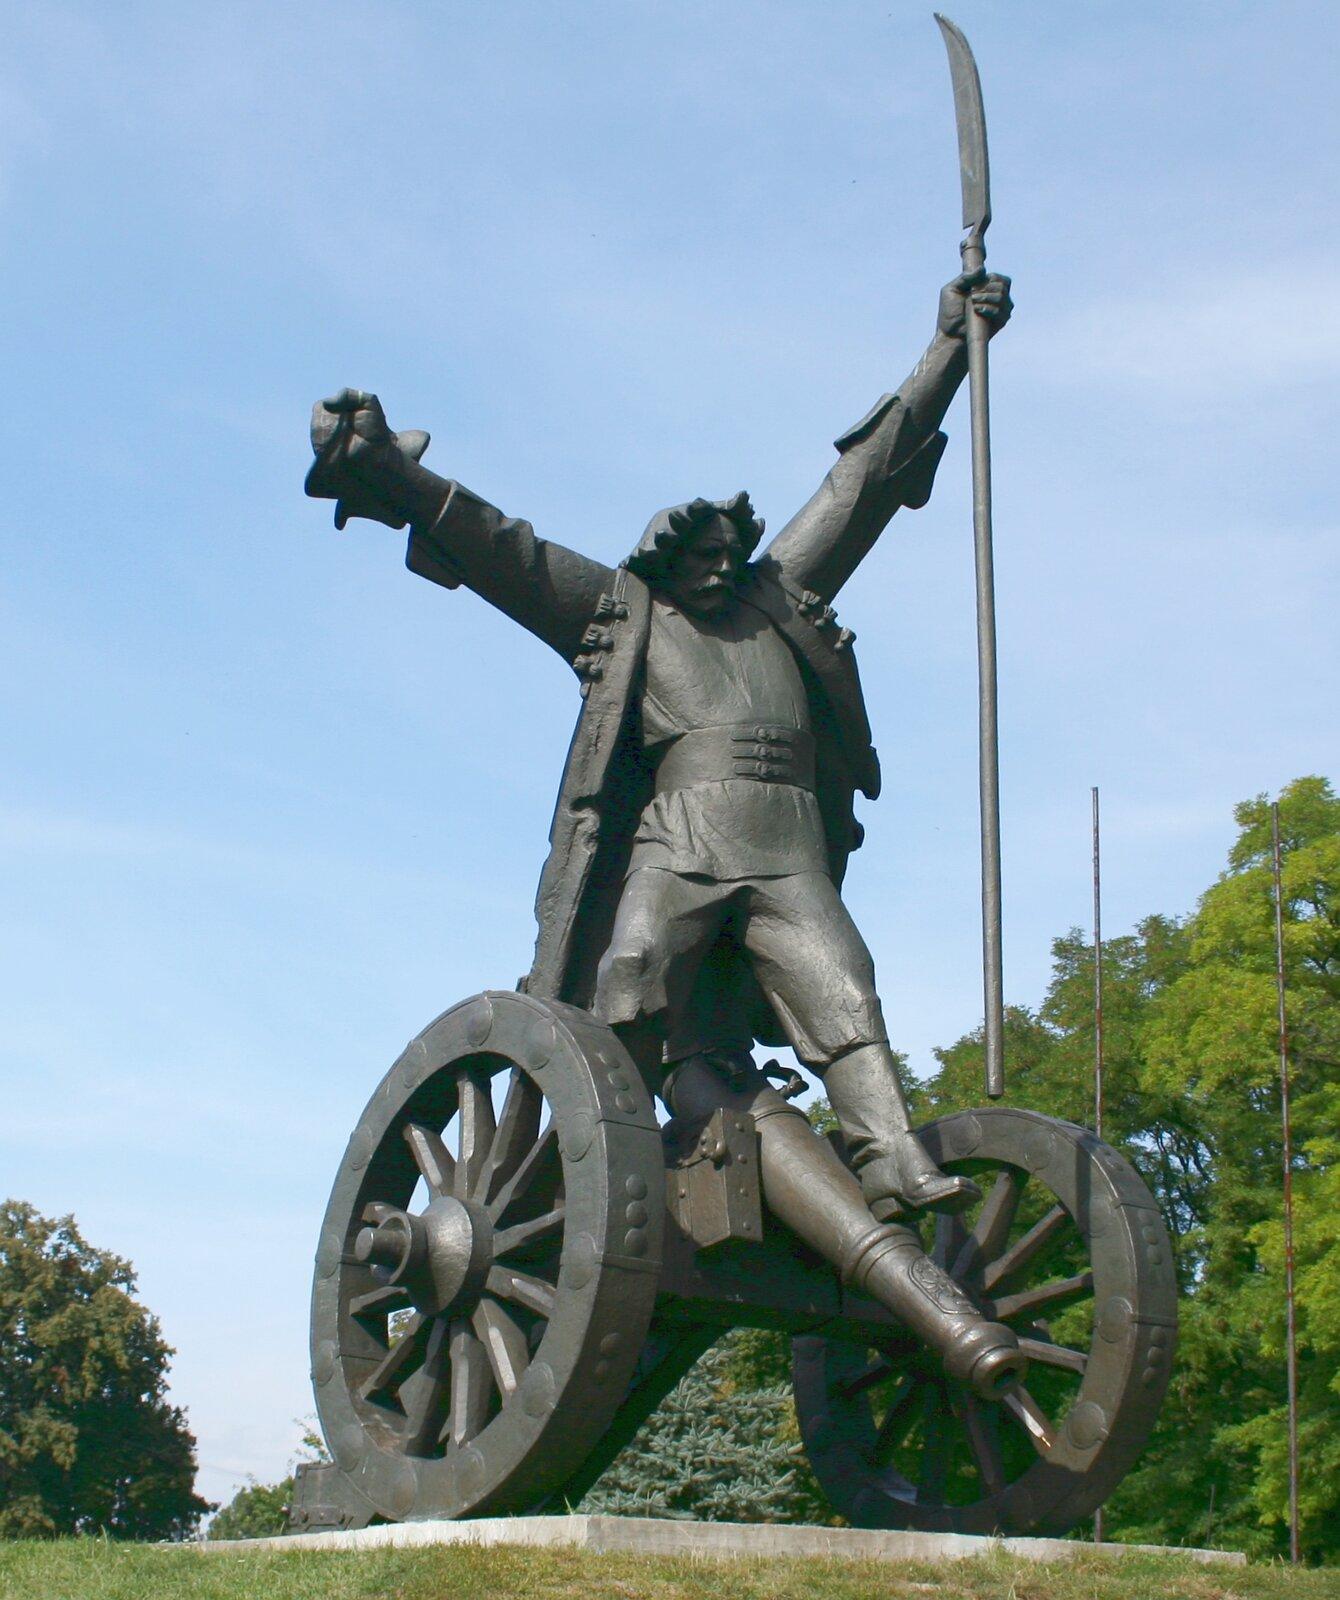 Pomnik Bartosza Głowackiego wJanowiczkach Pomnik Bartosza Głowackiego wJanowiczkach Źródło: WikimediaCommons/Przykuta, licencja: CC BY-SA 3.0.